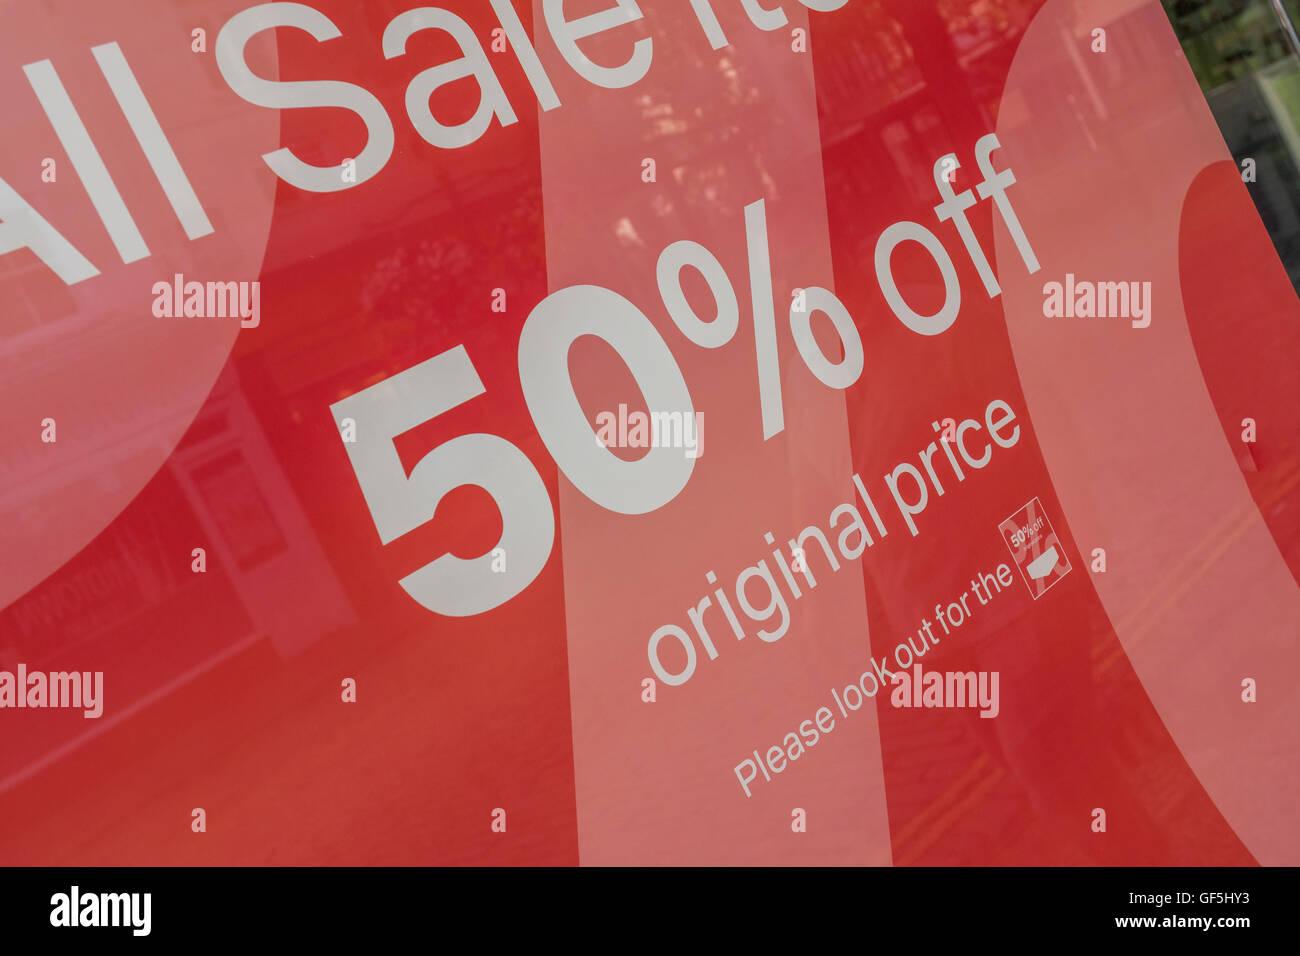 Las ventas en la calle alta posters - como metáfora del concepto de la recesión, la desaceleración económica, la Foto de stock